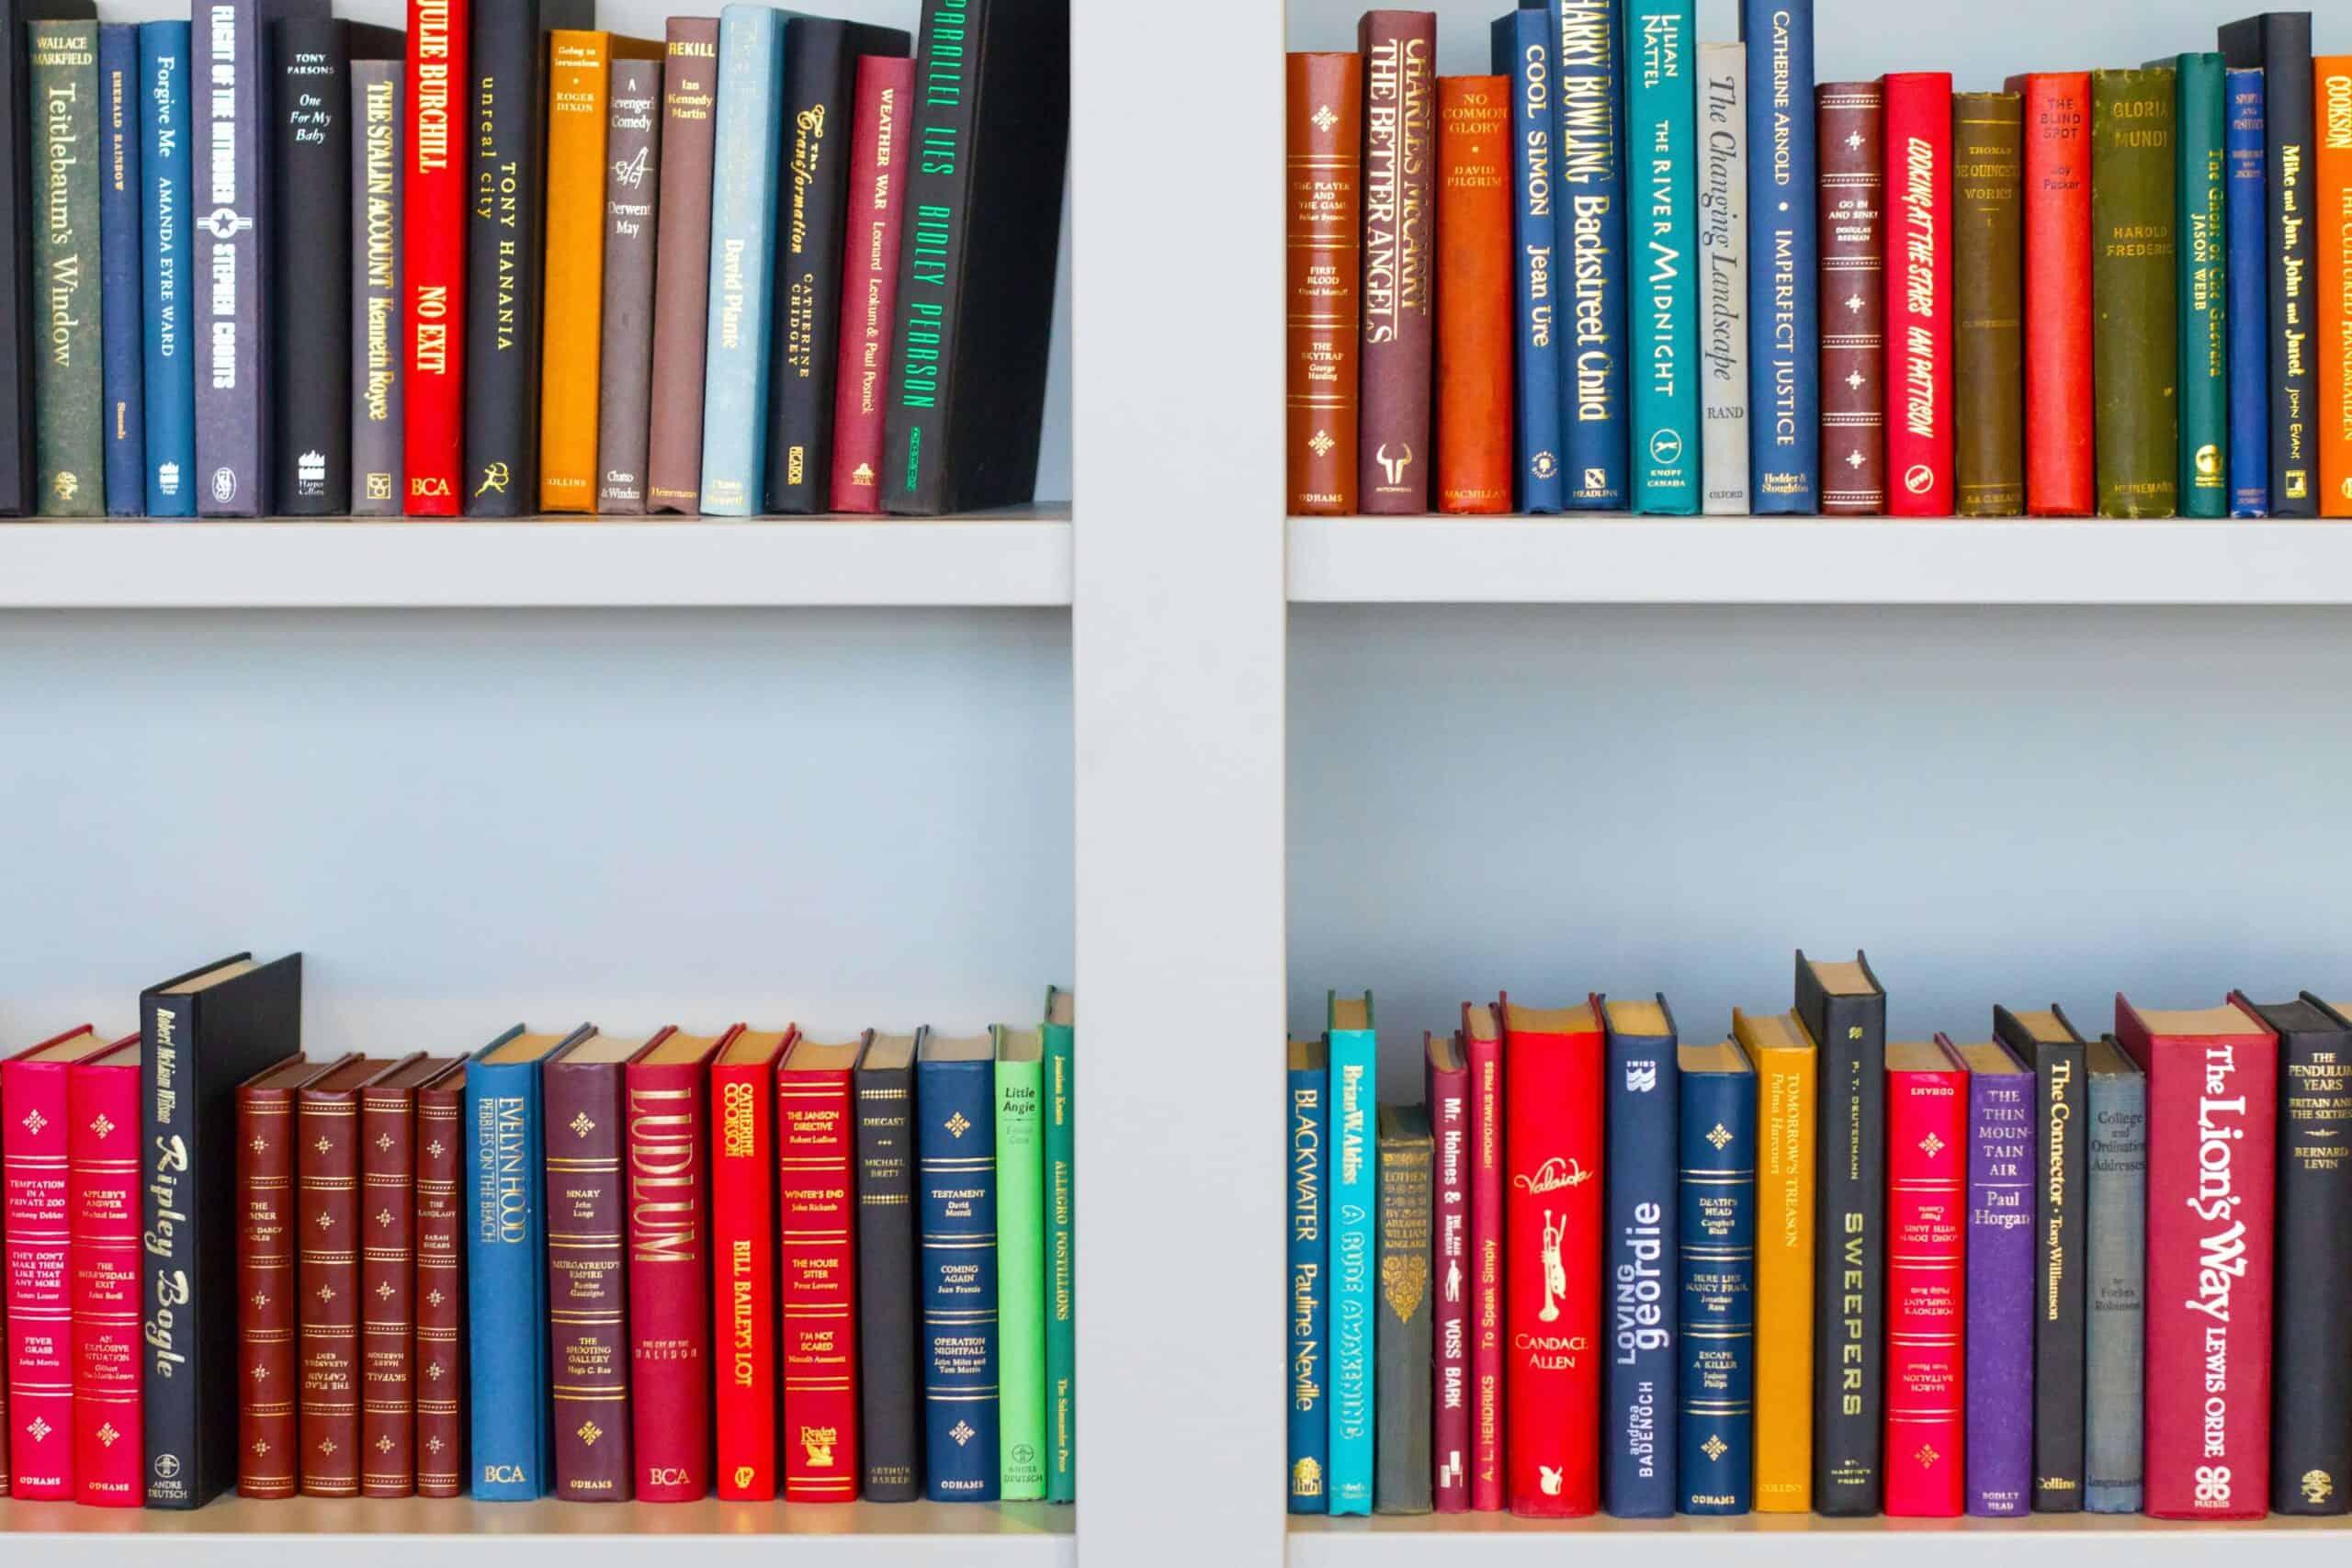 livros-mais-vendidos-2020